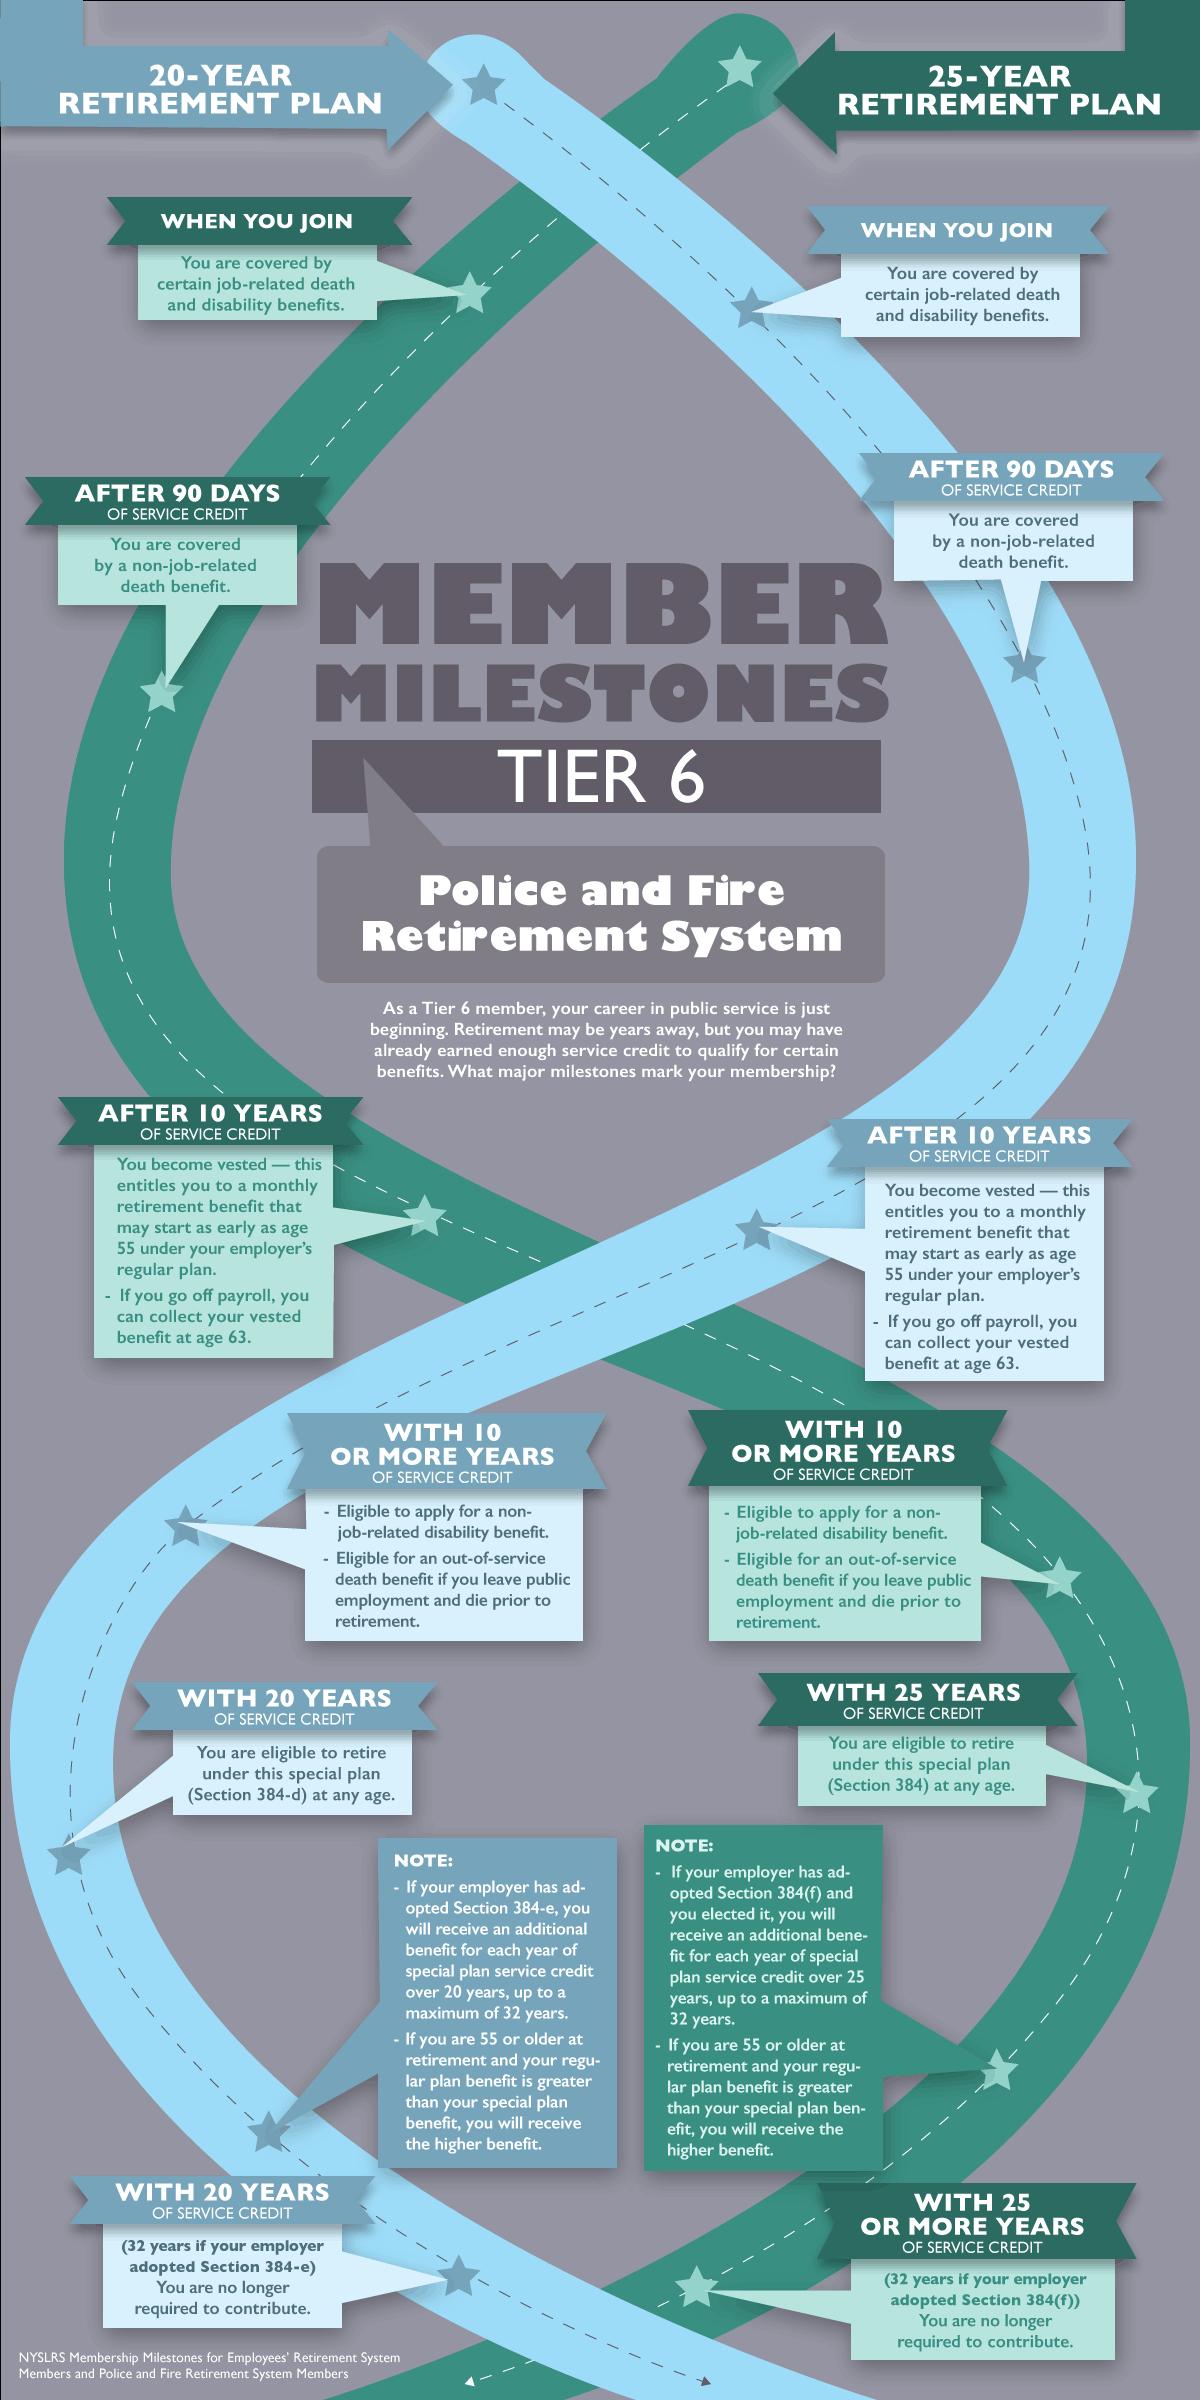 PFRS Tier 6 Member Milestones